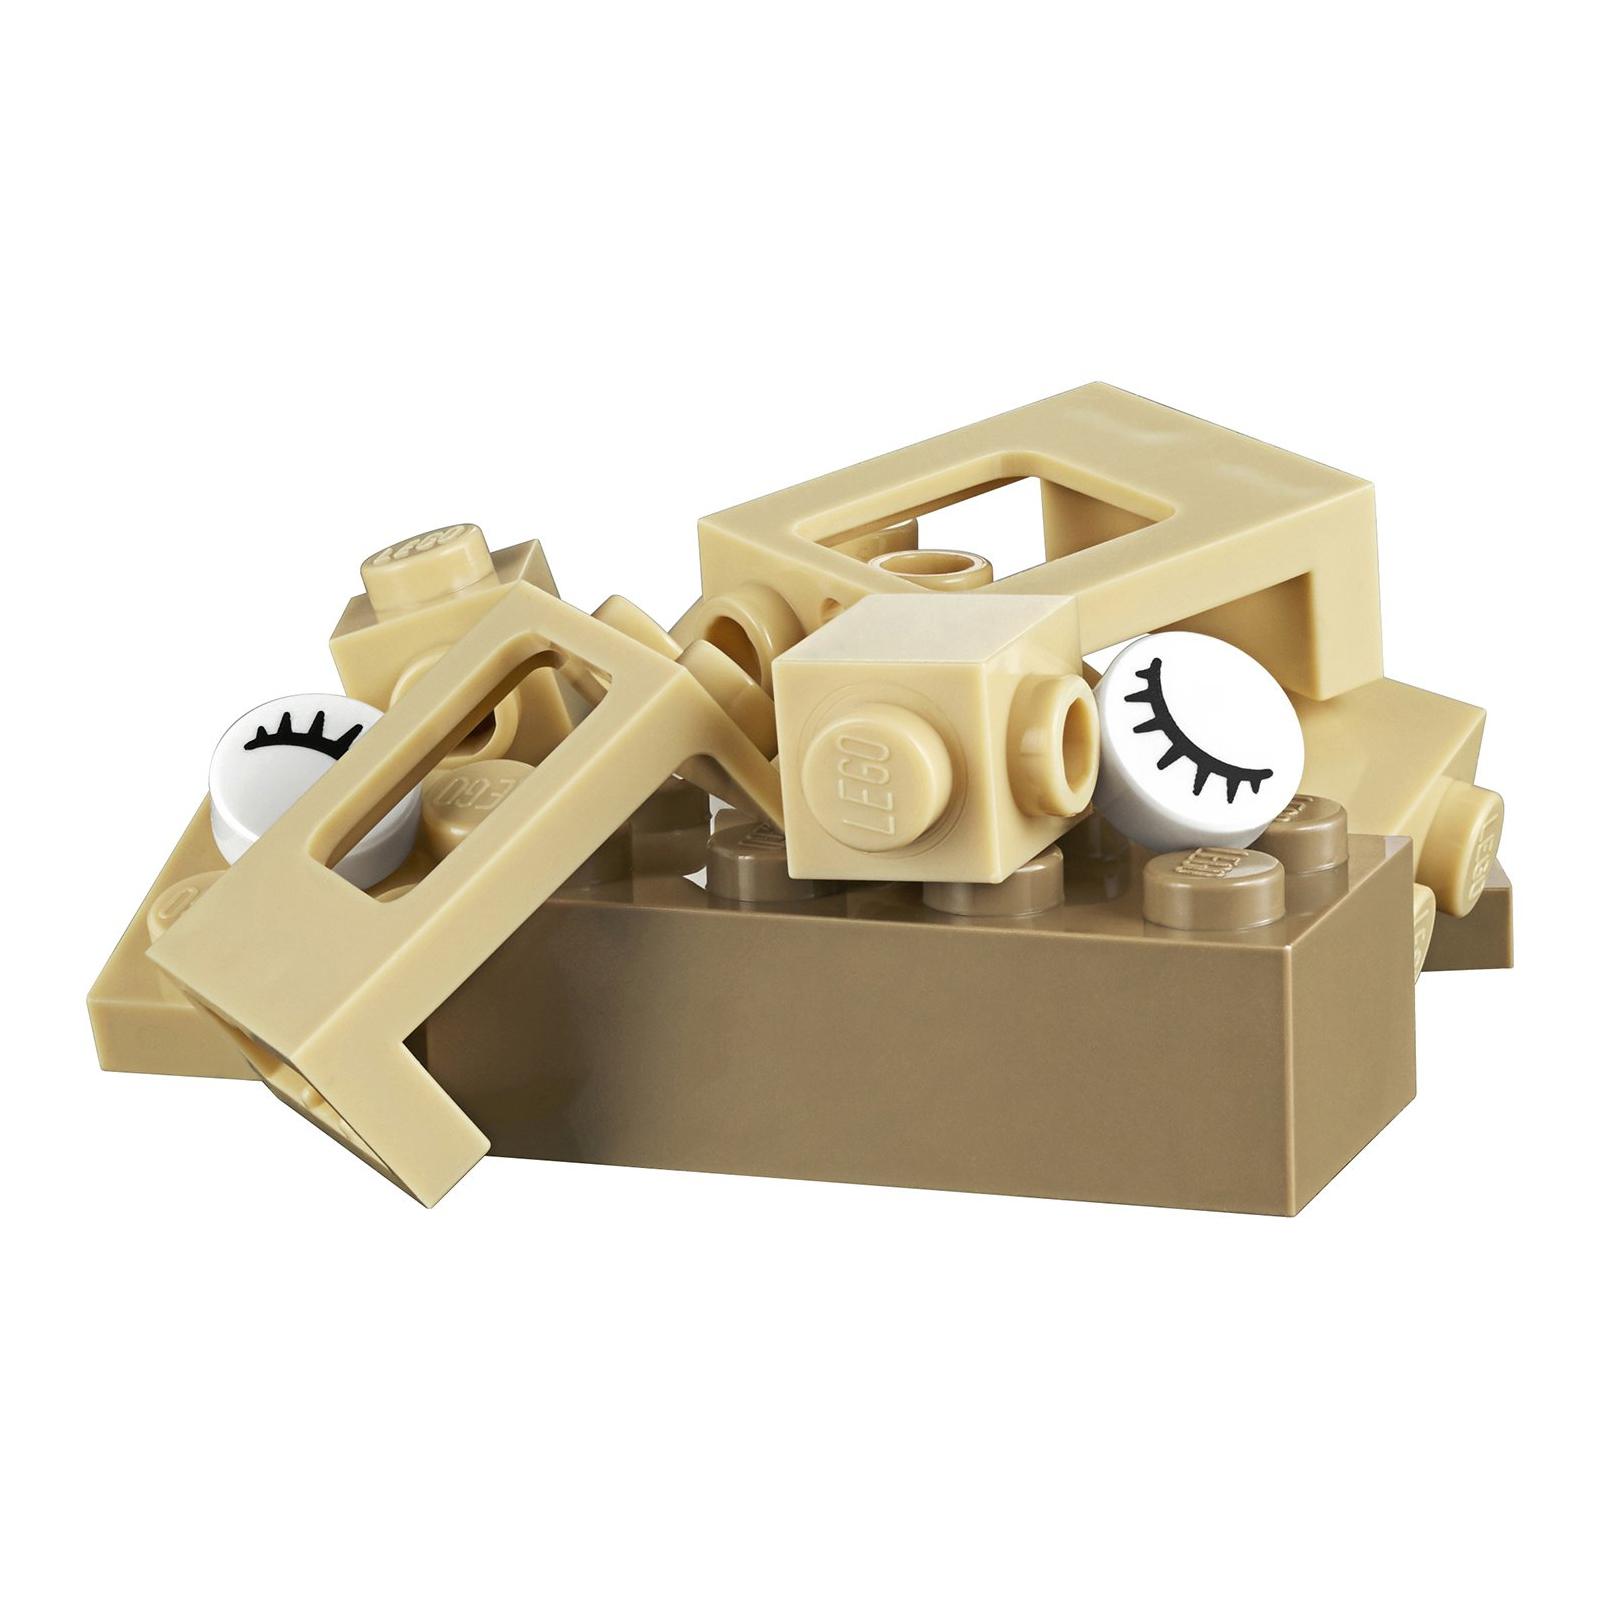 Конструктор LEGO Classic Набор для творчества с окнами 450 деталей (11004) изображение 5